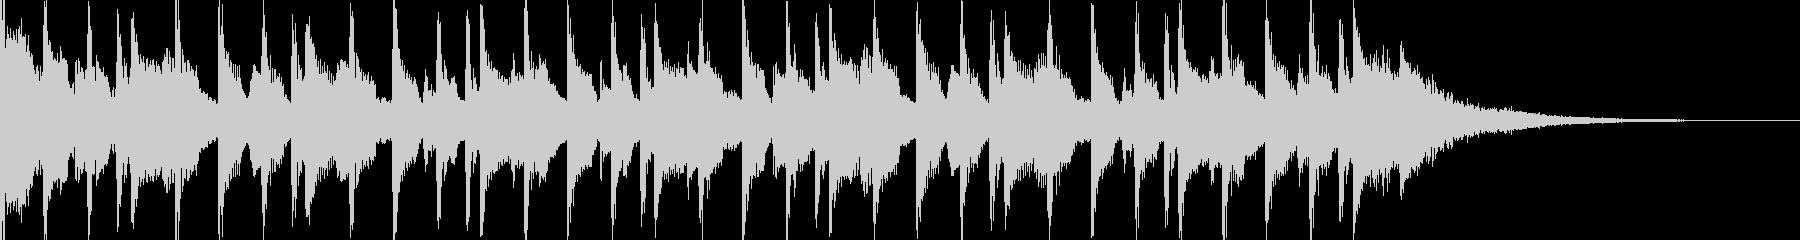 15秒CM可愛いウクレレ/子供/ほのぼのの未再生の波形